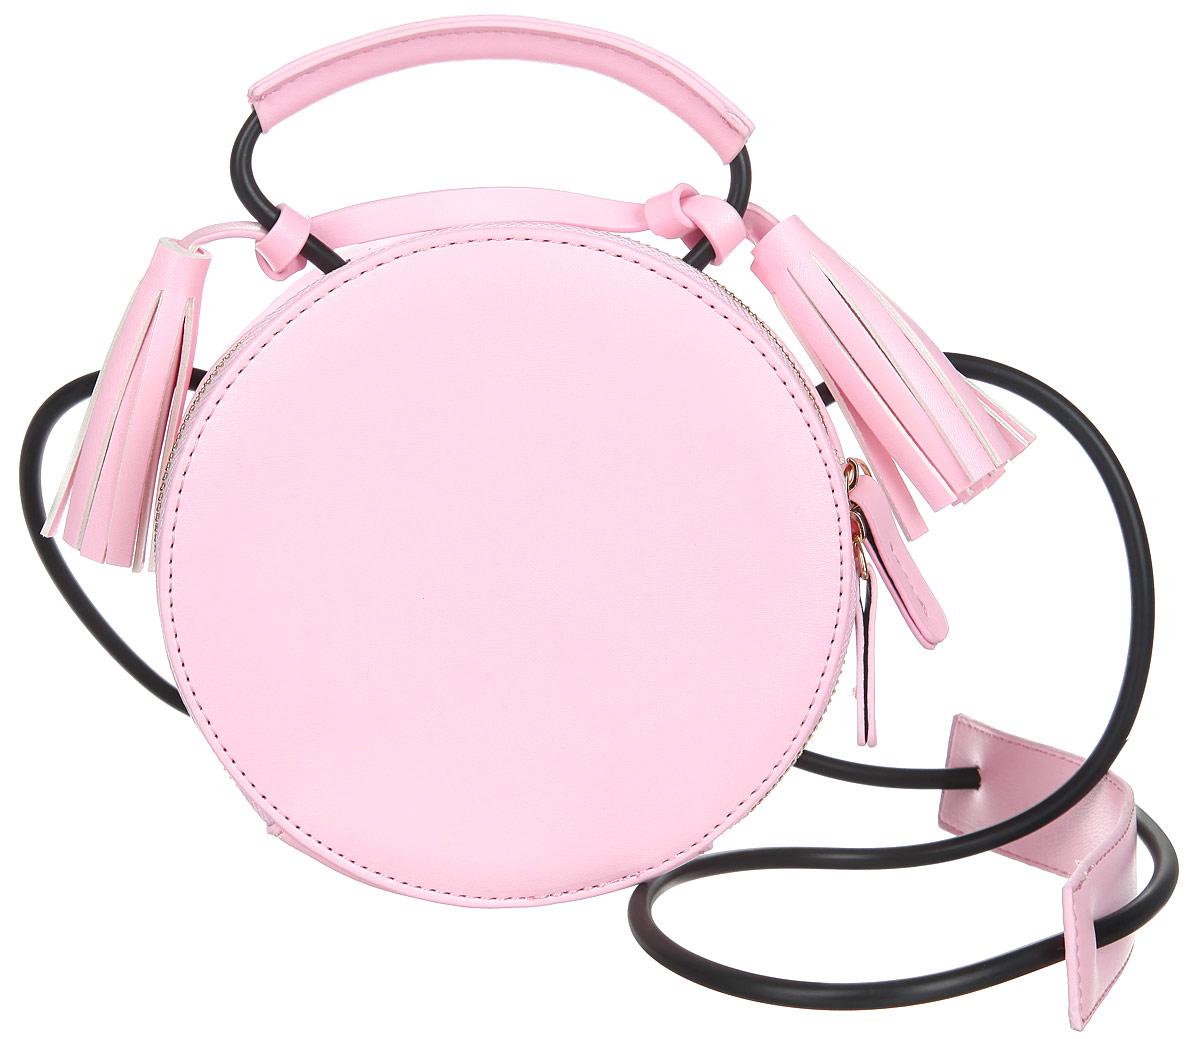 Сумка женская Orsa Oro, цвет: розовый. D-210/20D-210/20Изысканная женская сумка Orsa Oro выполнена из экокожи. Сумка закрывается на замок-молнию. Внутри одно большое отделение, которое содержит один накладной карман для телефона и мелких принадлежностей. Модель имеет жесткий каркас и форму окружности. Сумка оснащена ручкой, выполненной из резинового шнурка из экокожи, декорированной кистями. Сумка оснащена резиновым плечевым шнурком с вставкой из экокожи для плеча . Практичная и стильная сумка прекрасно завершит ваш образ.